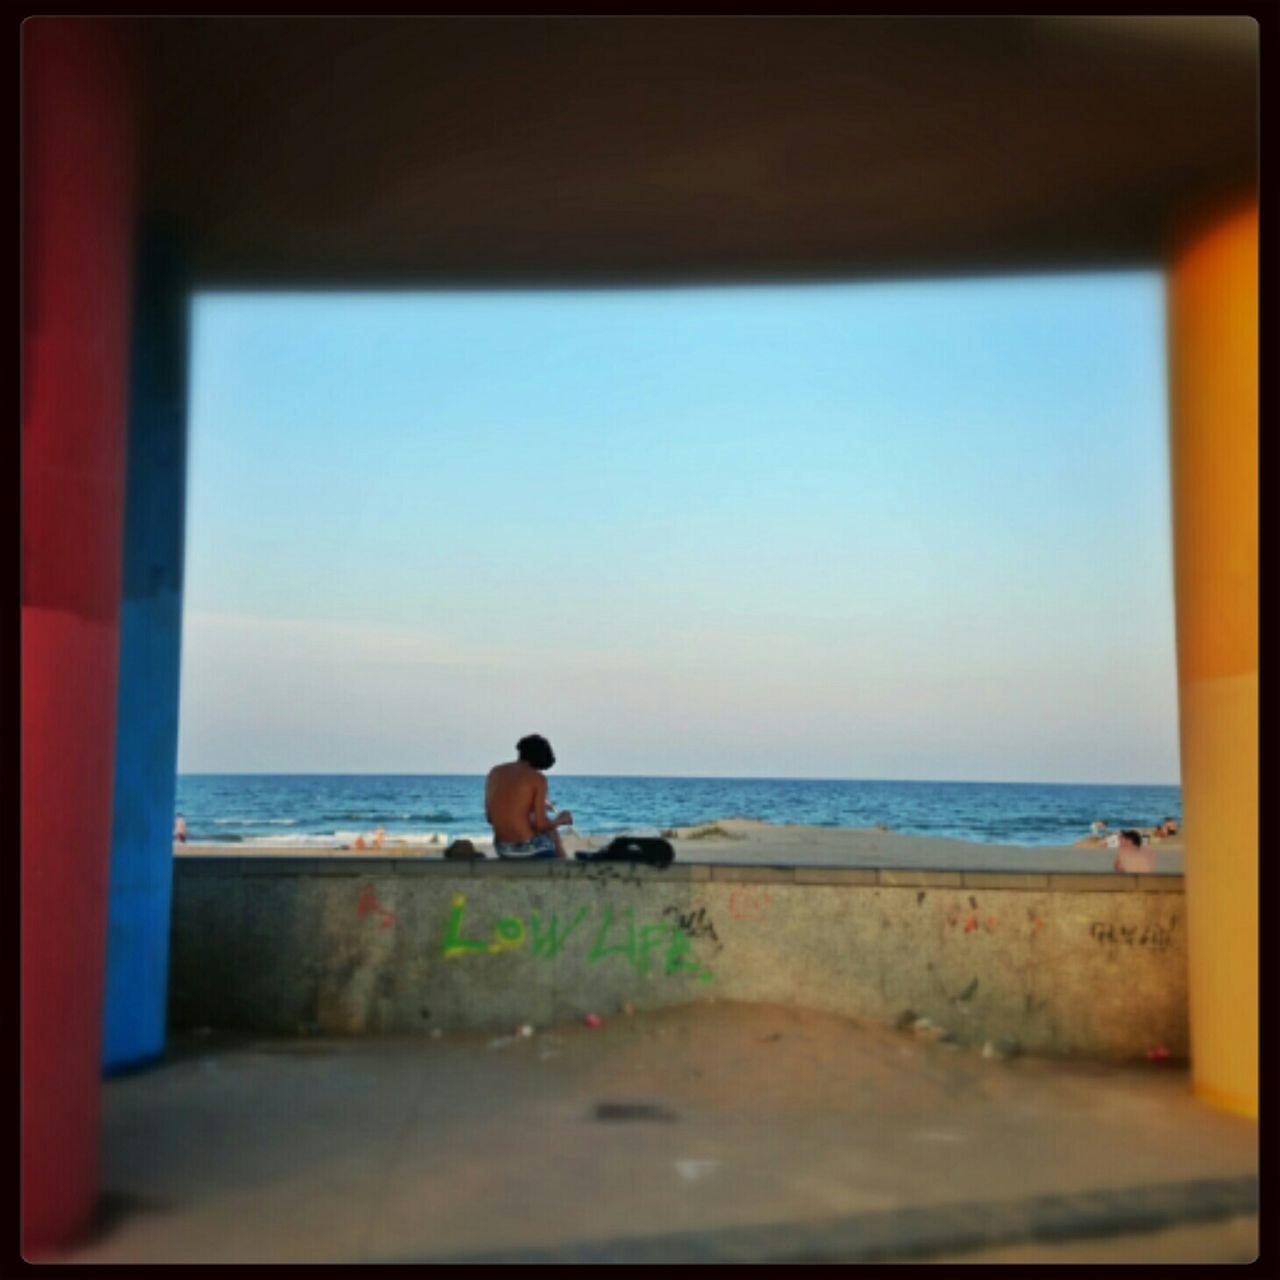 Beach evening Sonyxperiaz2 Snapseed SPAIN València